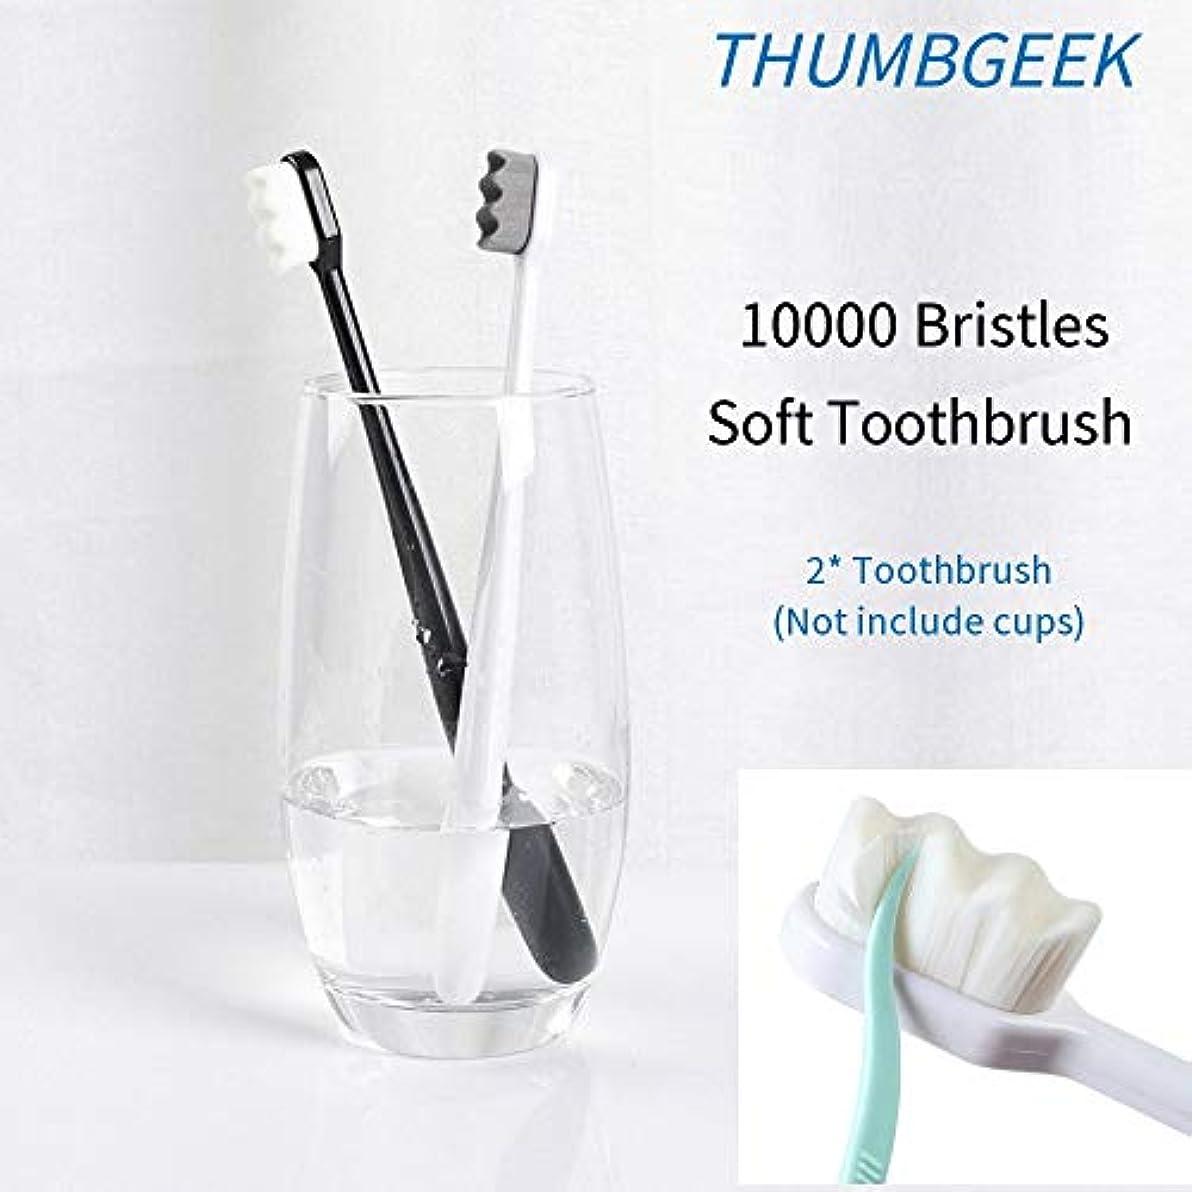 チャップフェロー諸島有益な2本の歯ブラシ、ウルトラソフト歯ブラシ、家族の妊娠中の女性用、年配の看護の歯肉に敏感なディープマウスクリーンオーラルケア、手動歯ブラシ